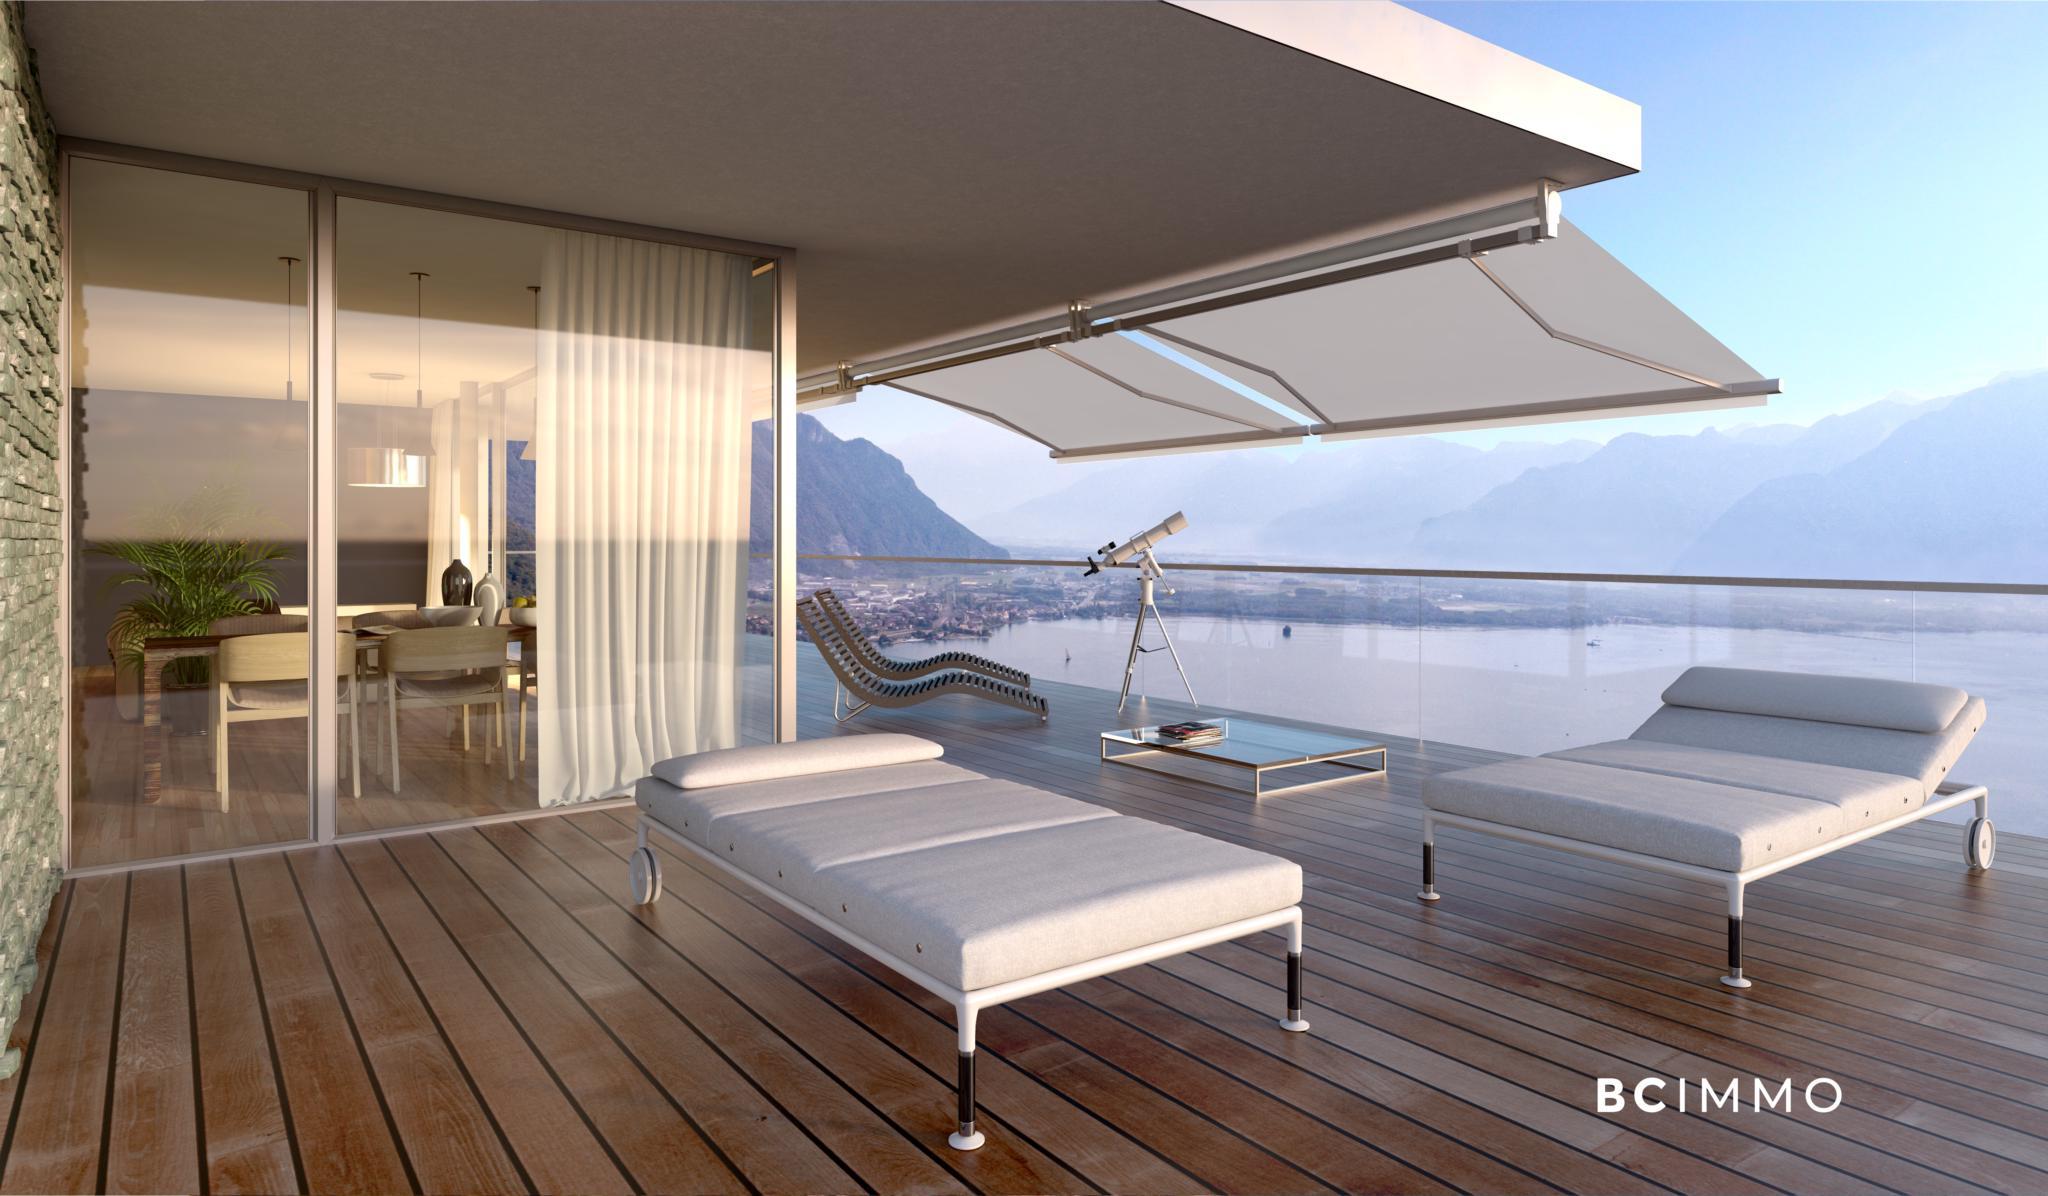 BC Immo - Appartement avec vue panoramique - Glion - 1823HBVB-C201